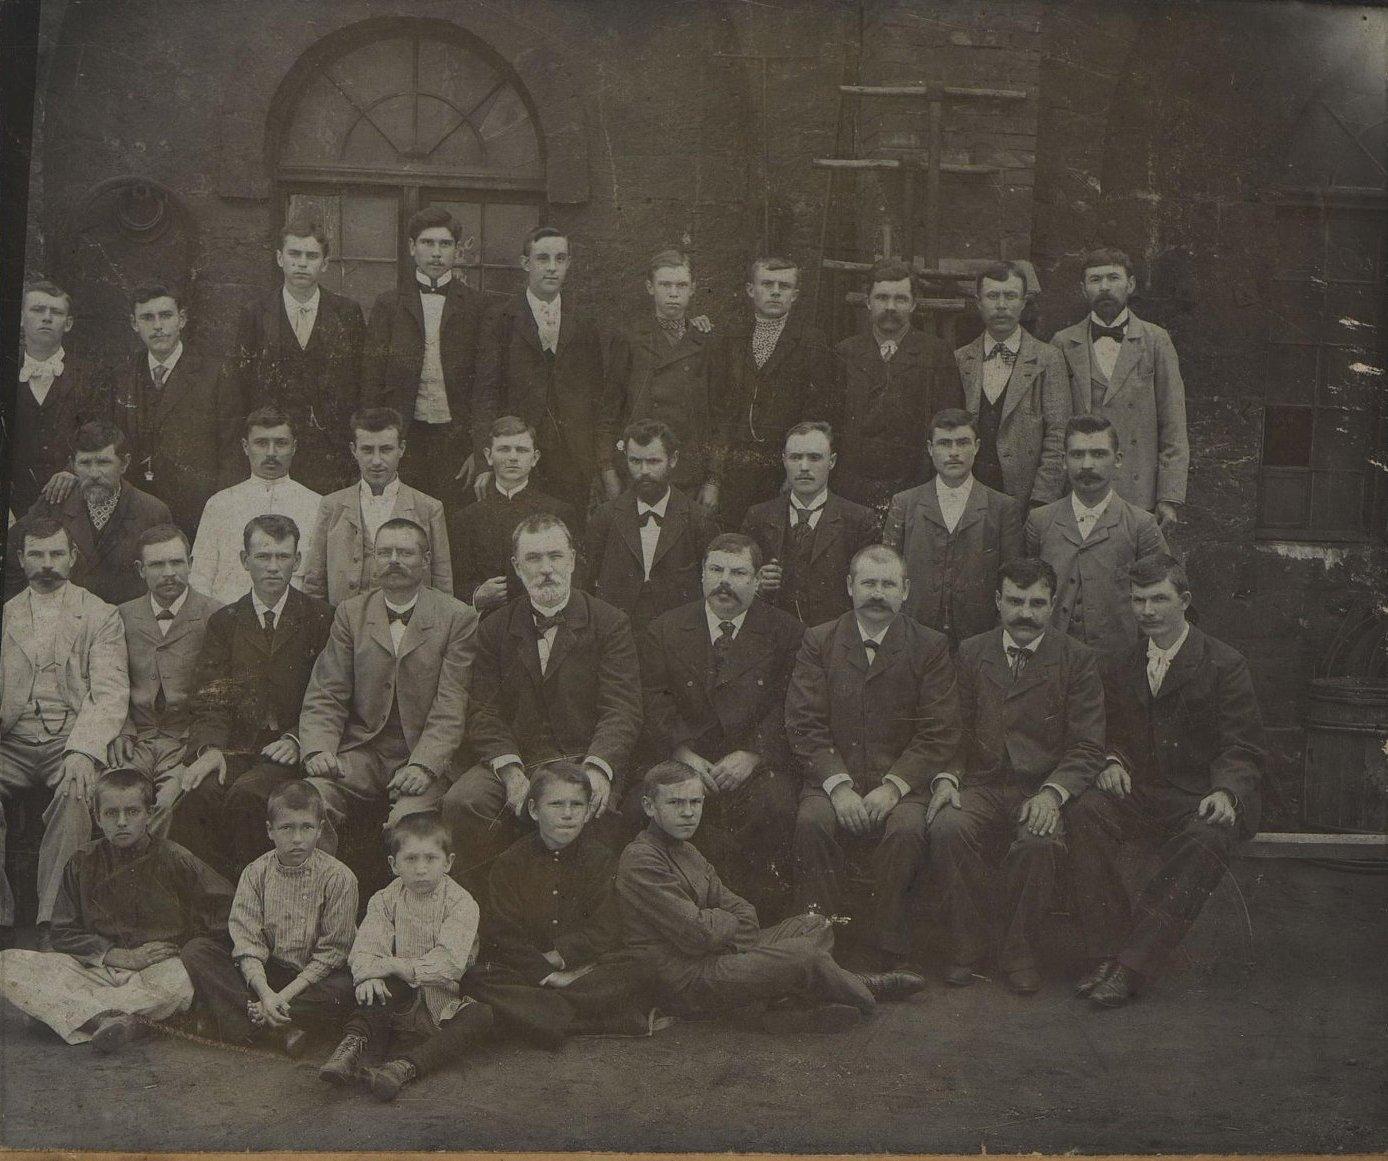 Рабочие токарного цеха Завода Беллино-Фендериха. 1903